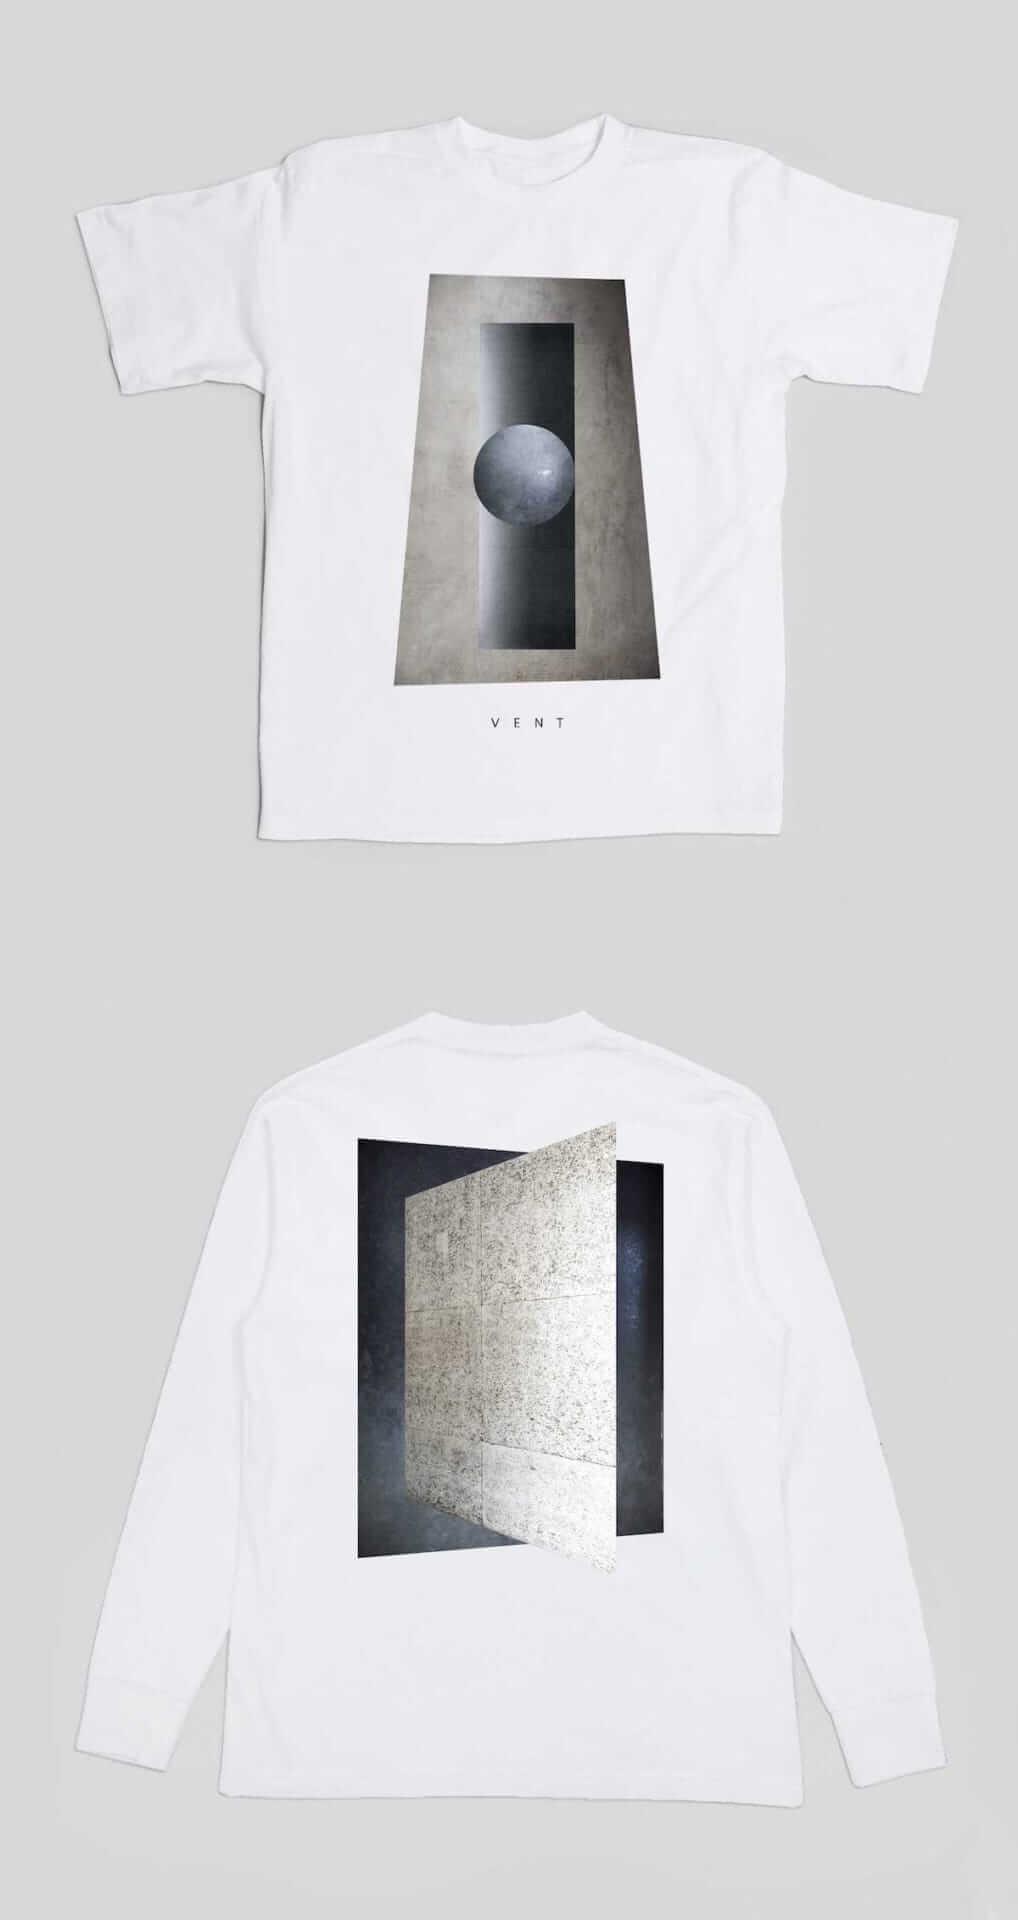 表参道VENTが2周年パーティーを記念して、YoshirottenとのコラボTシャツを発売 music180816-vent-yoshirotten-3